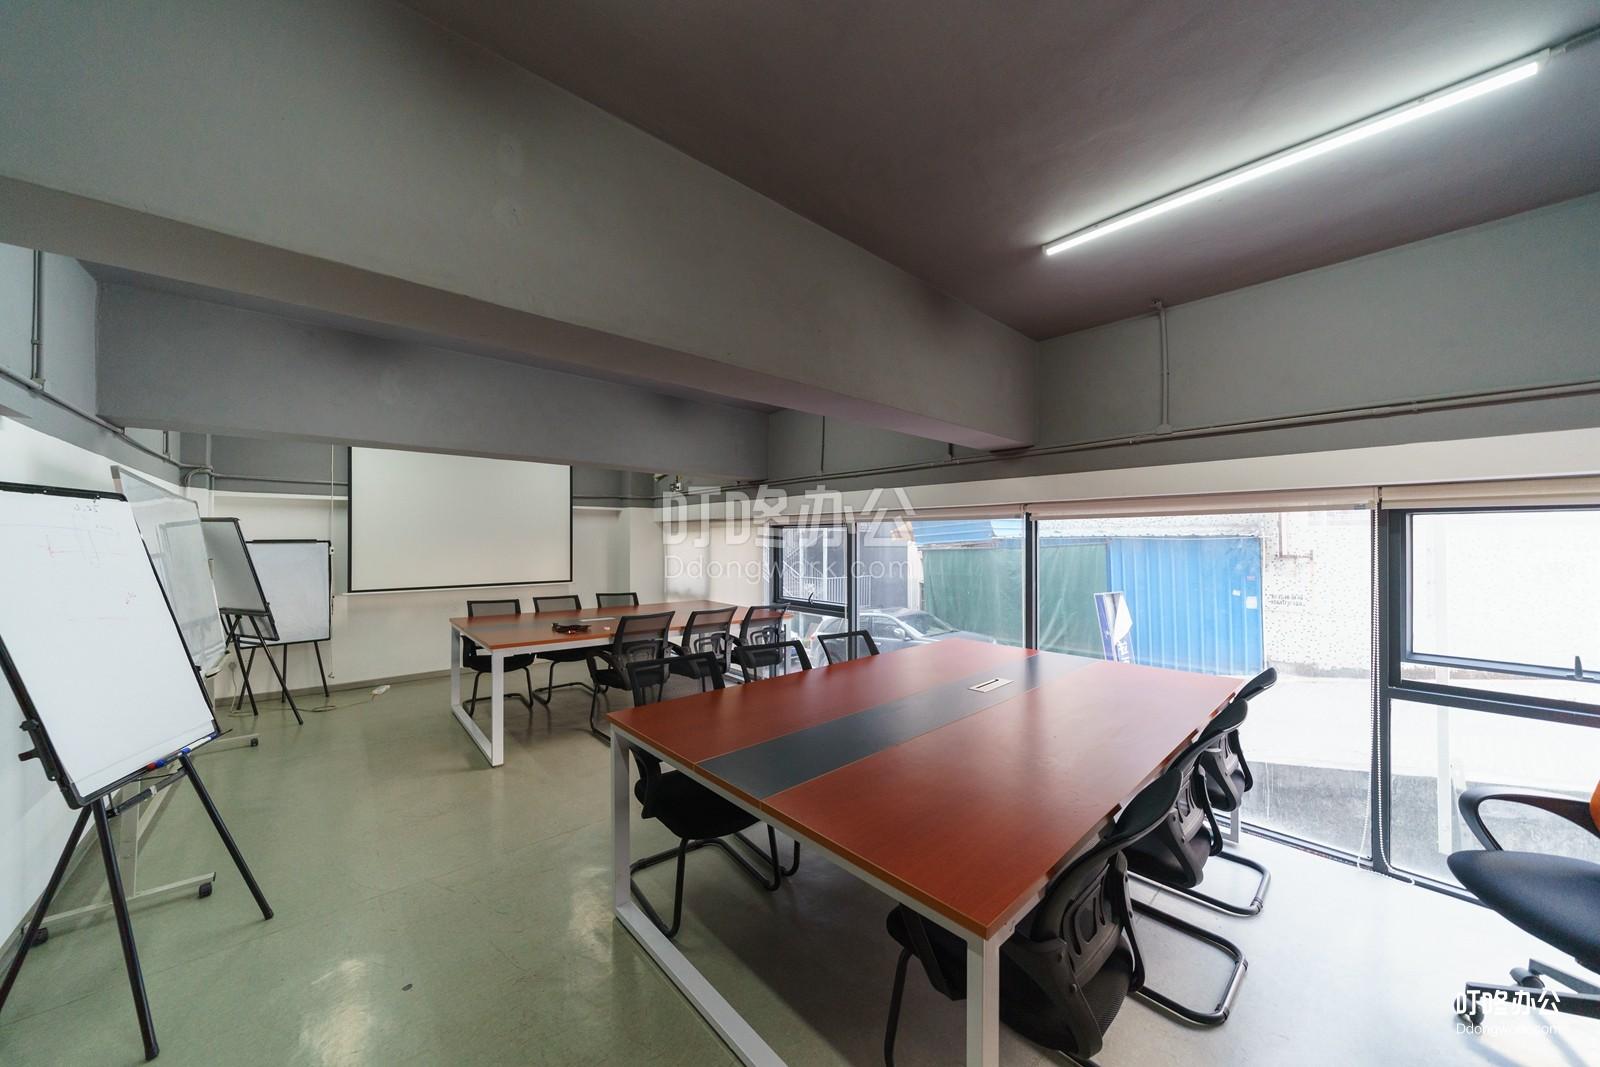 创业魔方会议室